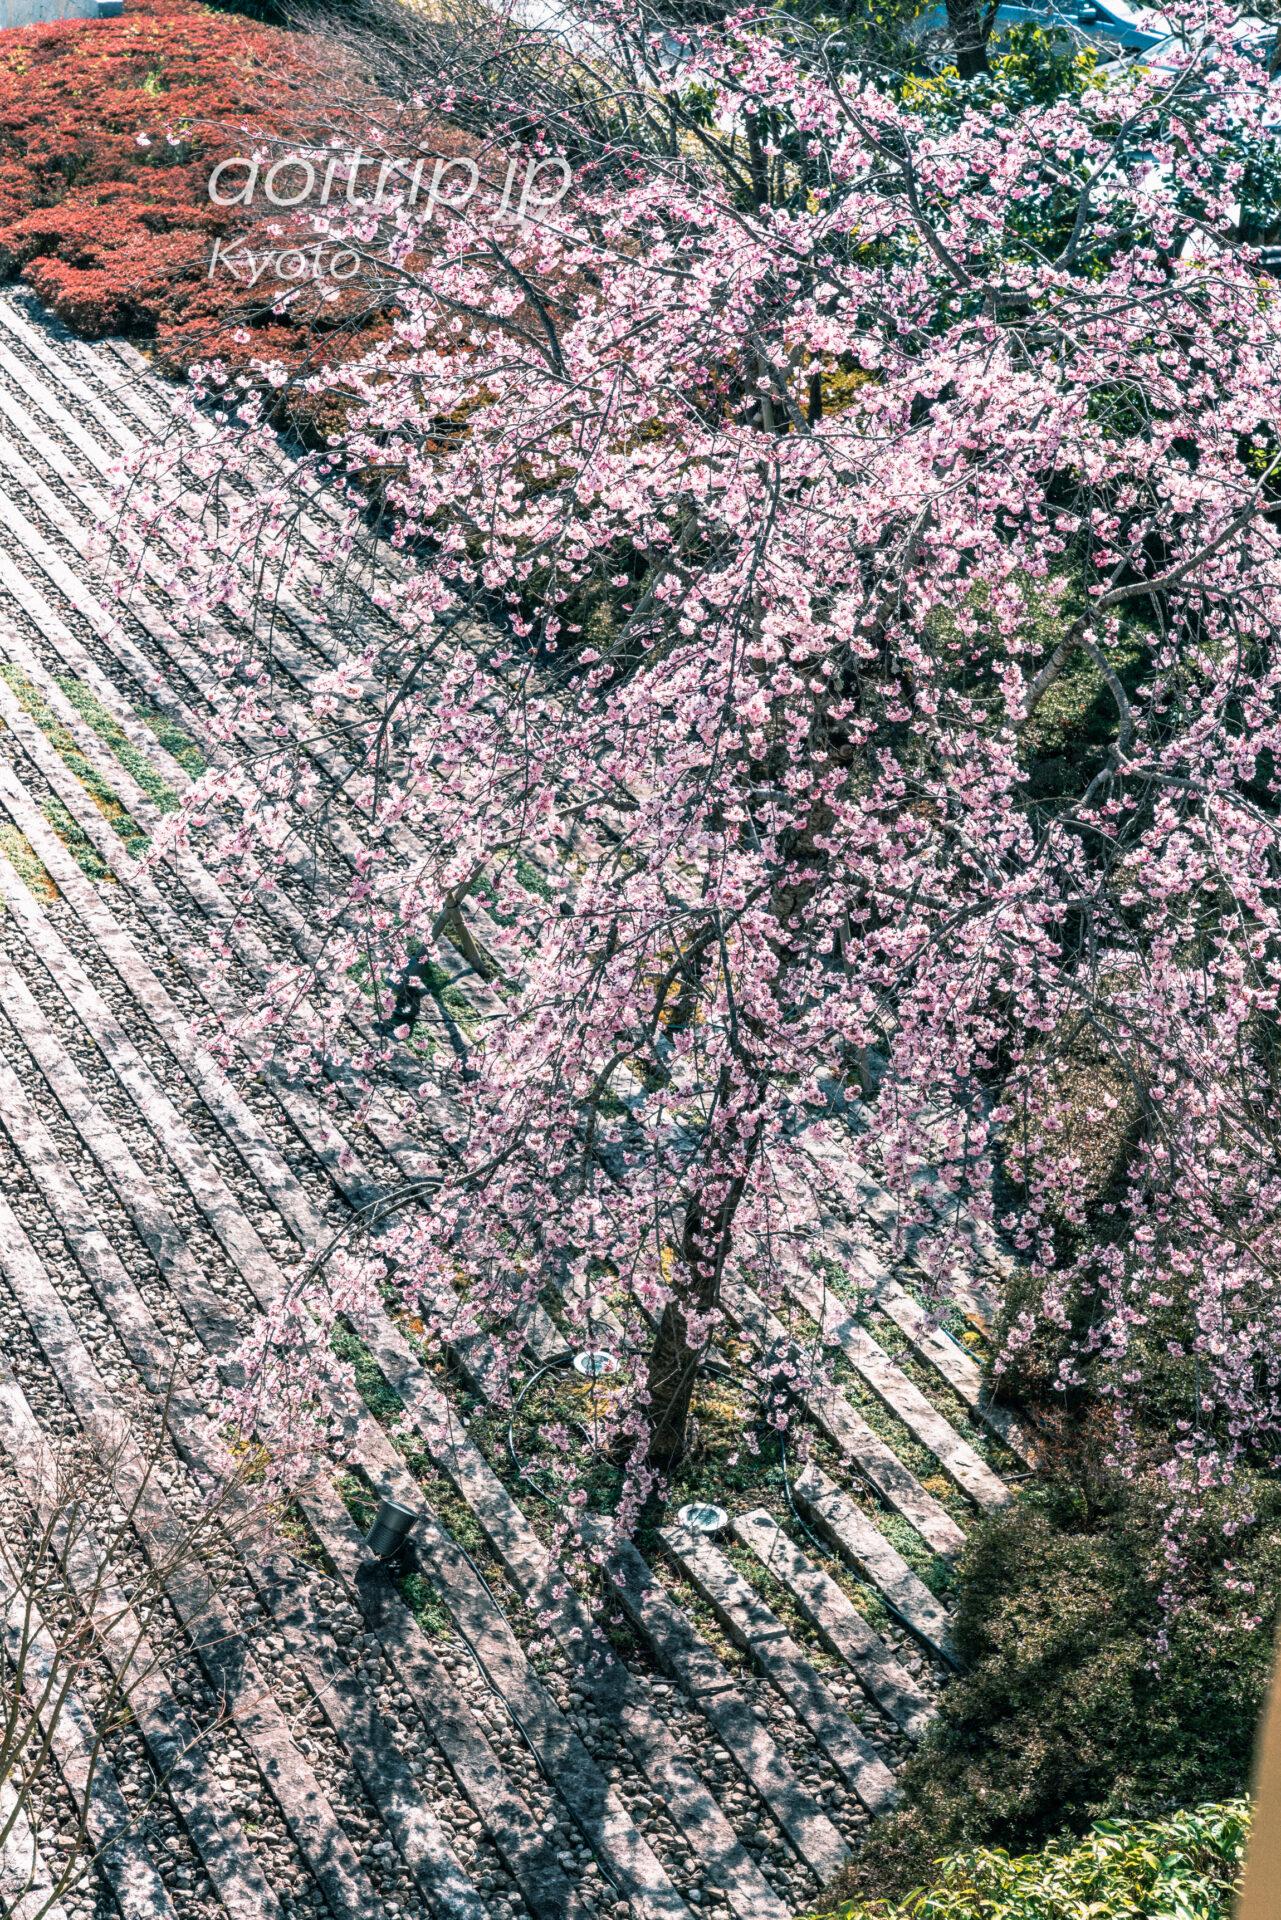 翠嵐(すいらん)プレジデンシャルコーナースイートから嵯峨嵐山文華館の枝垂れ桜を望む